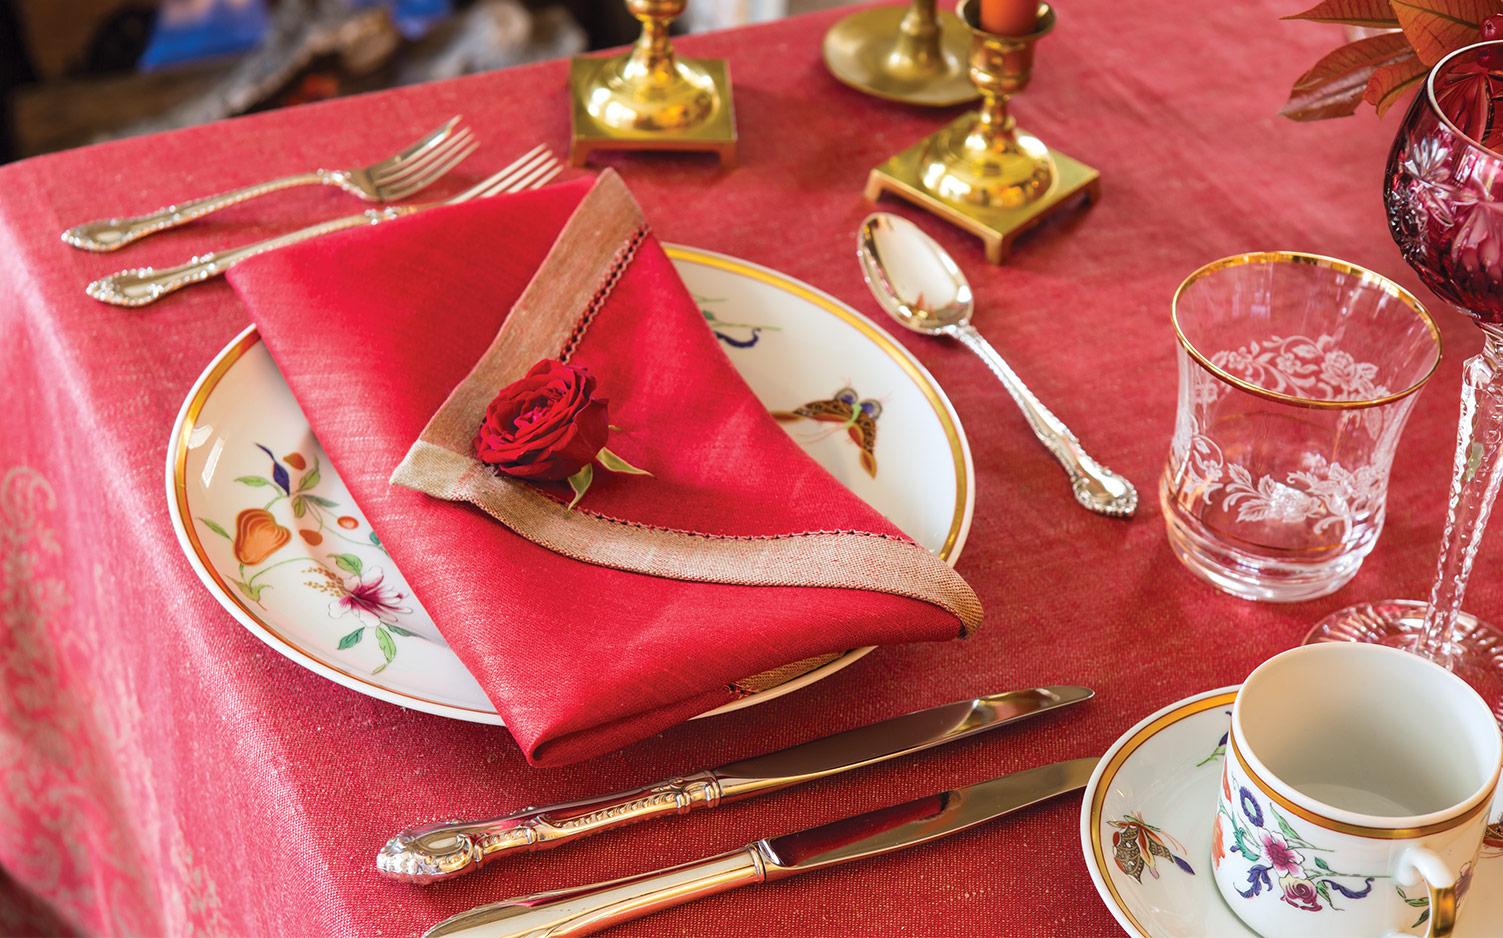 Pliage de serviette en forme d'enveloppe romantique.